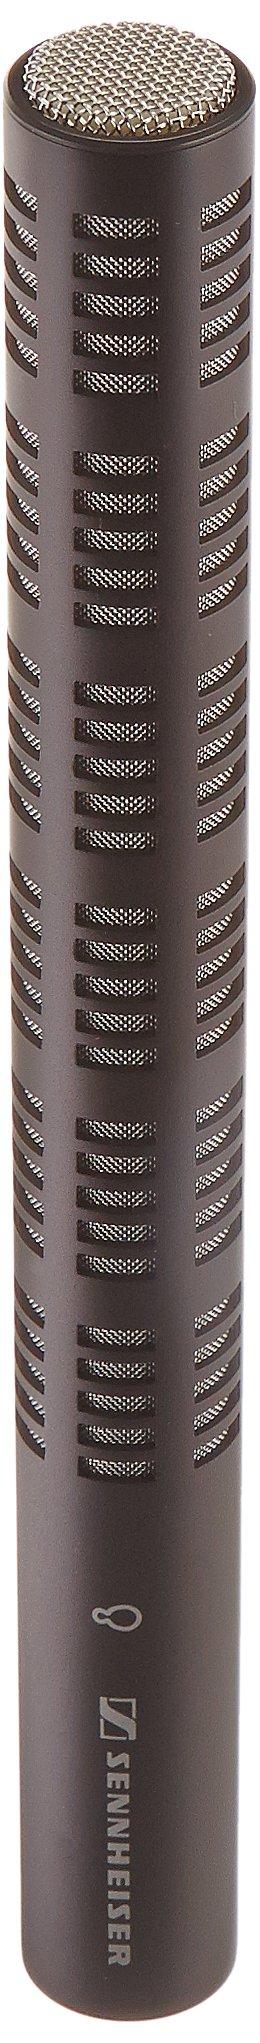 Sennheiser ME66 Short Shotgun Capsule Head for K6 Series